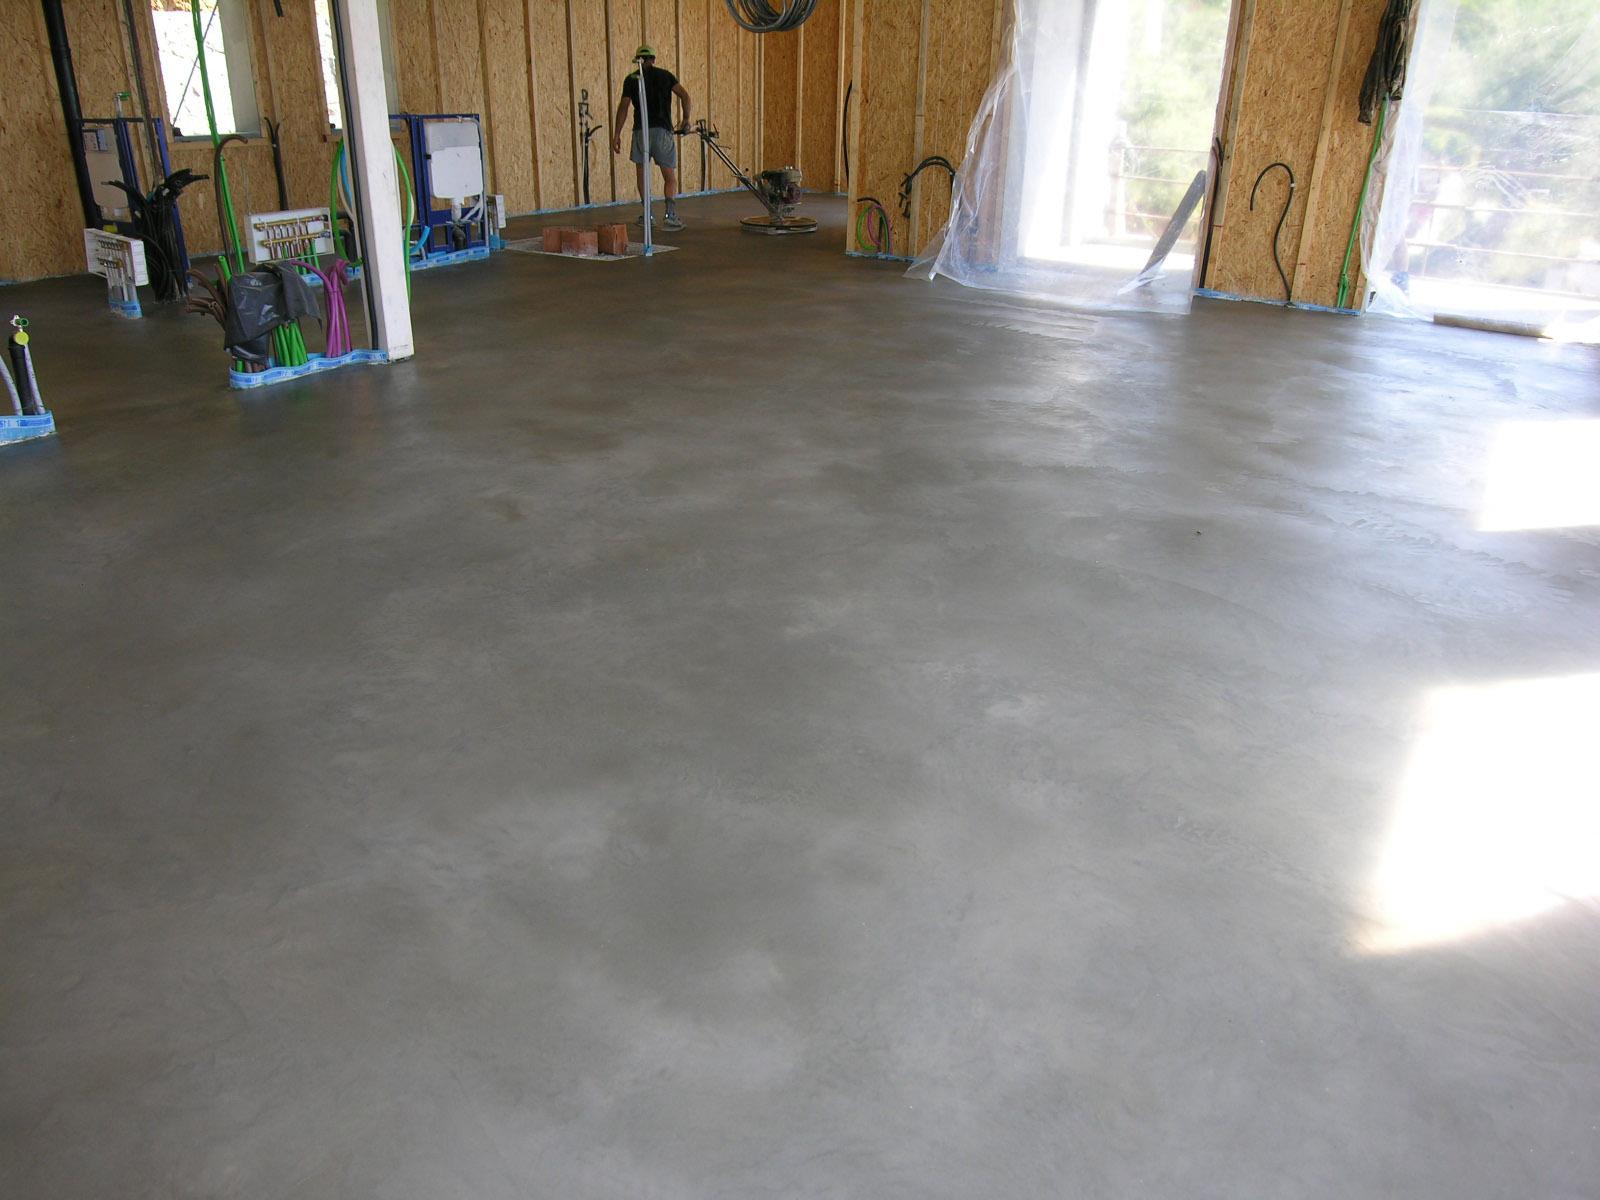 Pavimento in cemento lisciato al quarzo – Semplice e comfort in una casa di famiglia